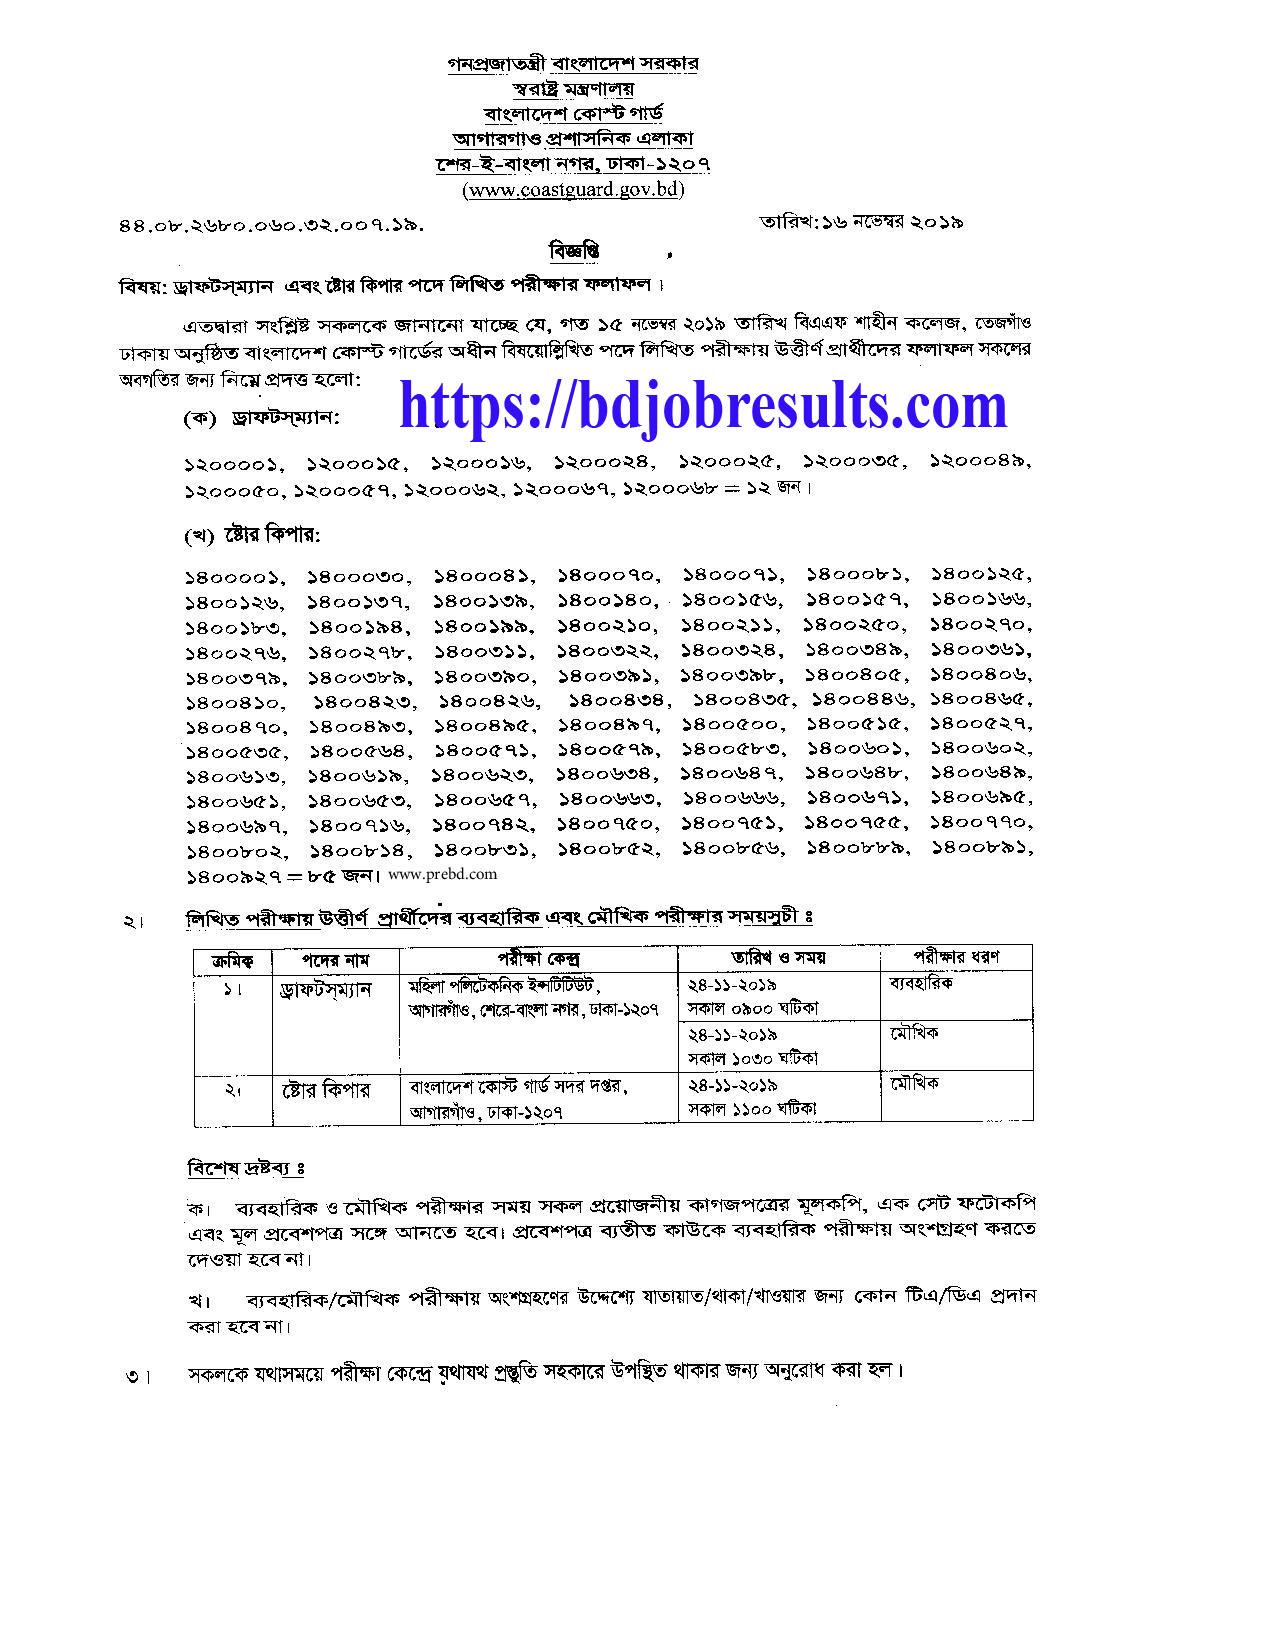 BCGF Exam Result 2019